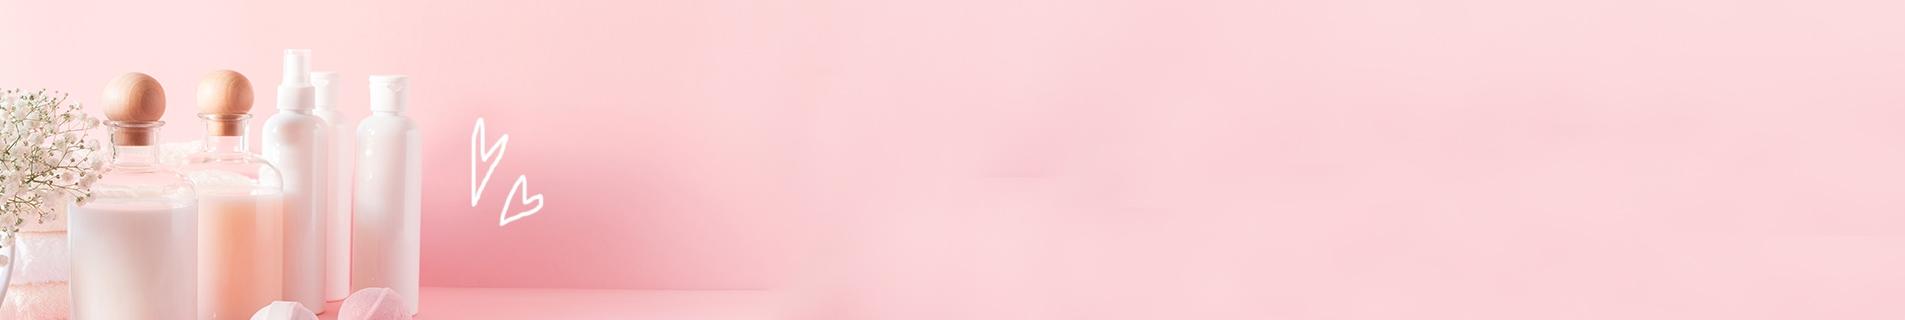 Promo moins de 10€ | Site de cosmetique pas cher | SAGA Cosmetics